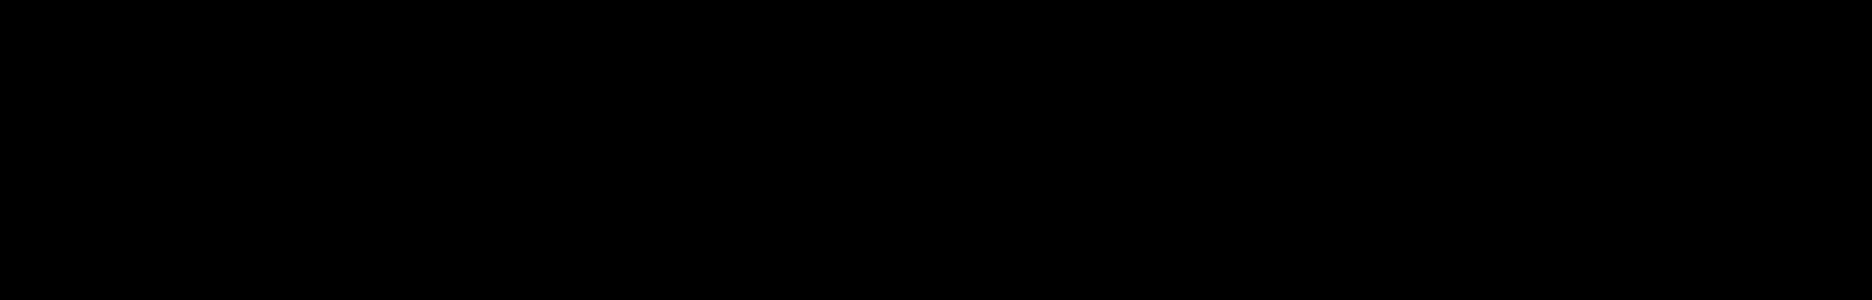 image.png-38.5kB